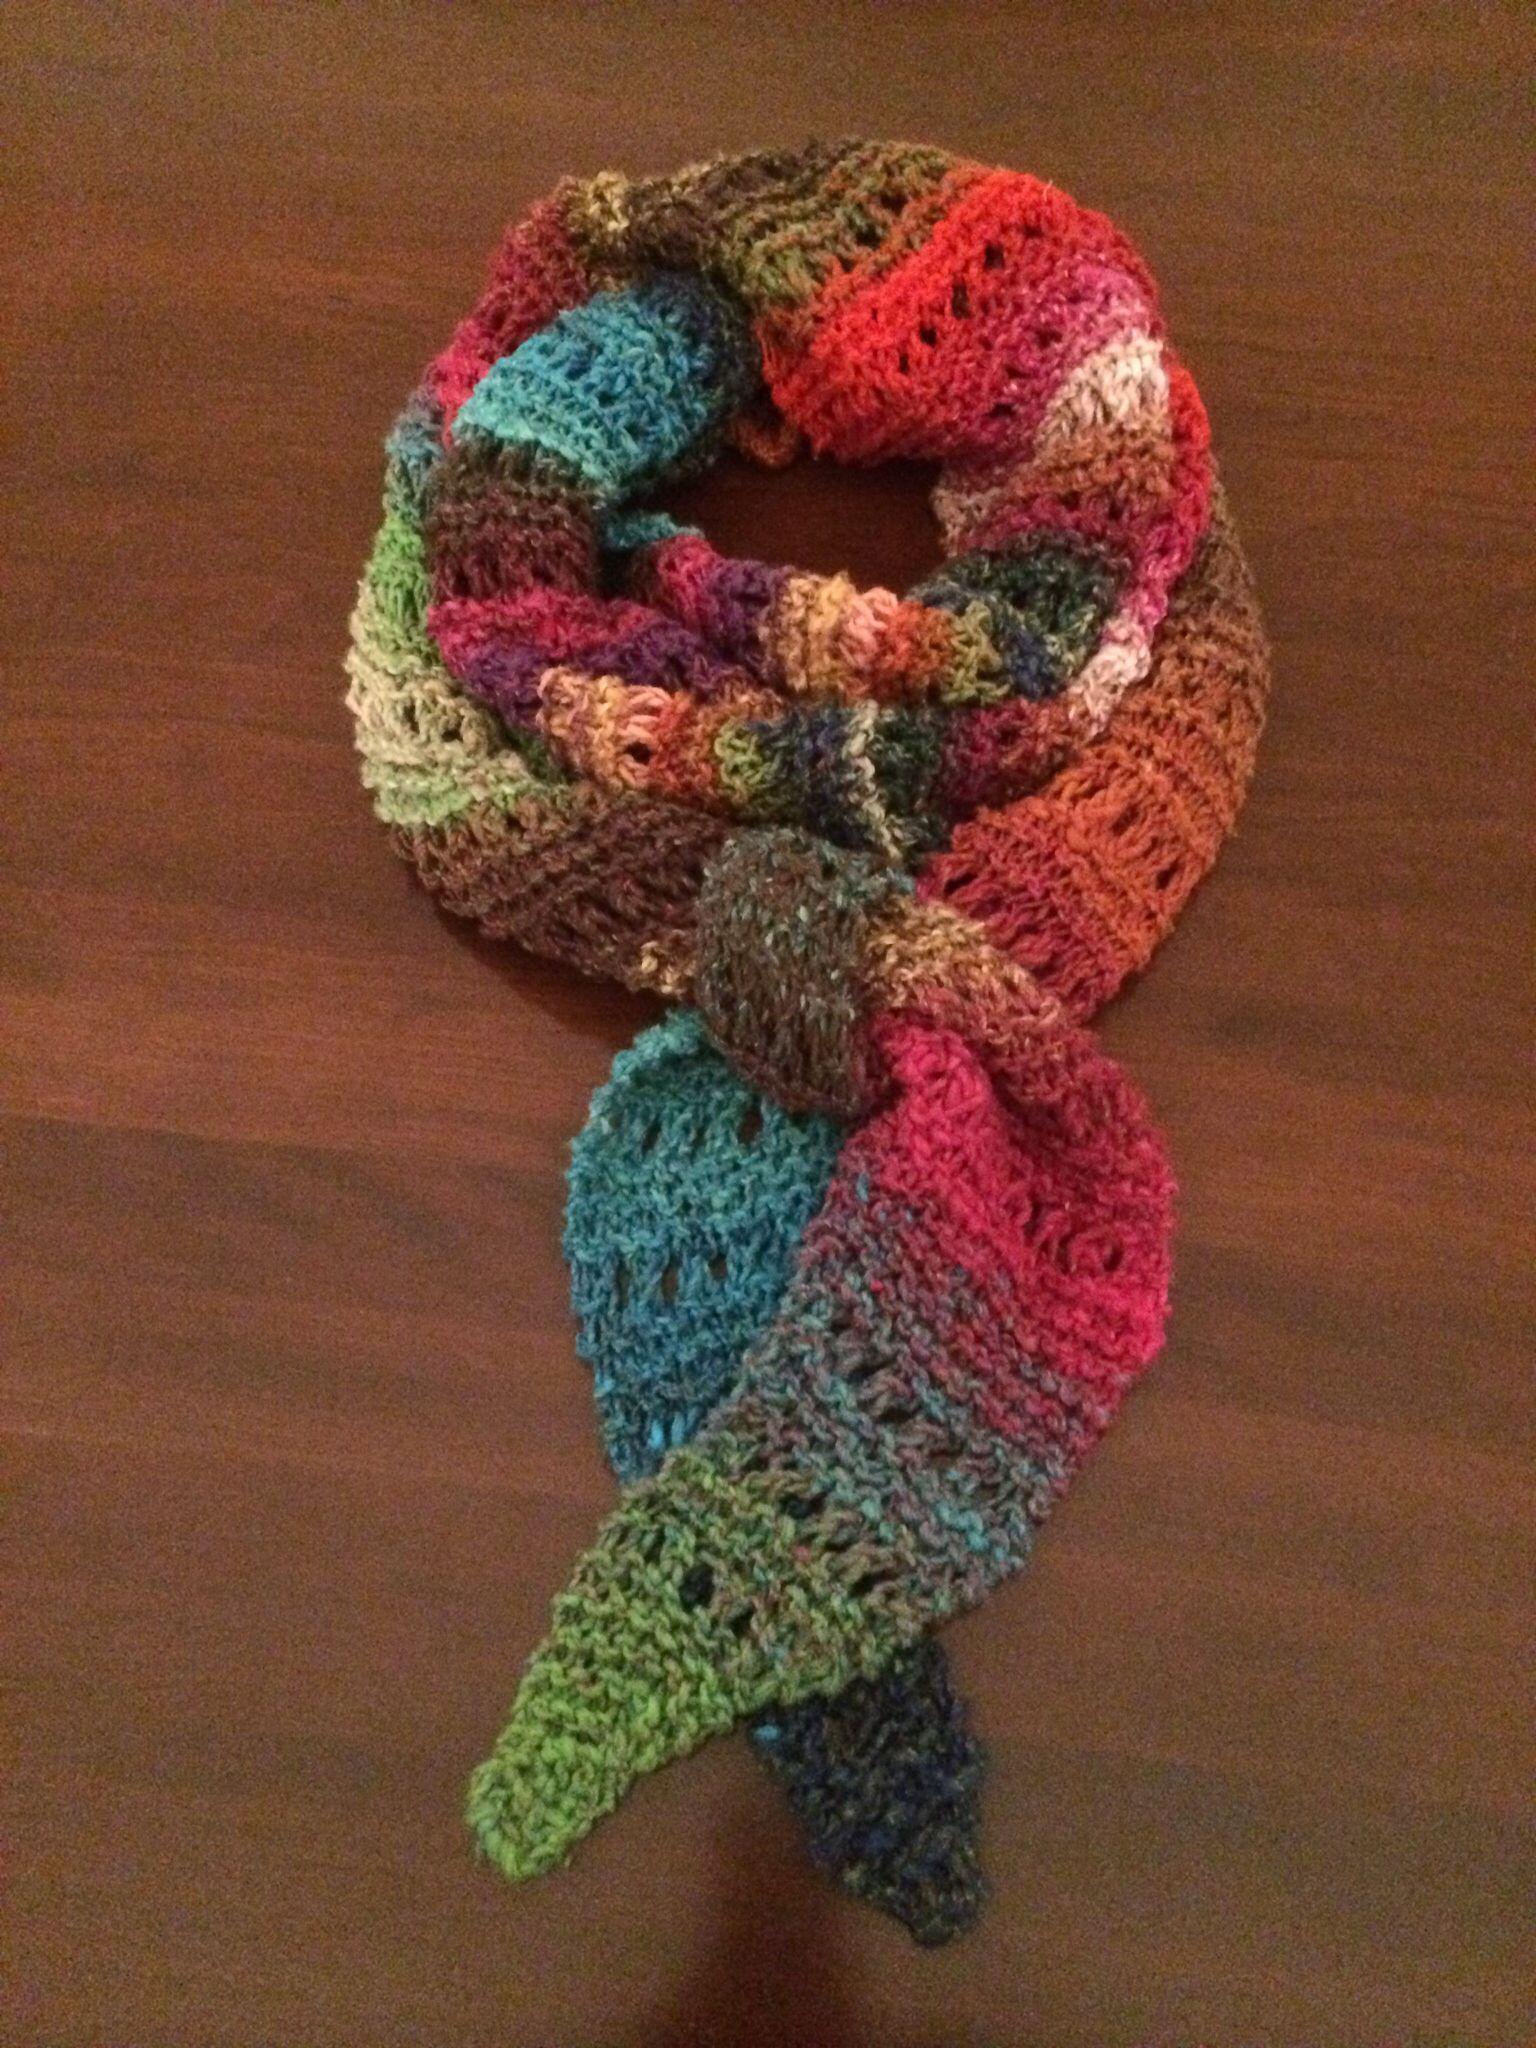 NORO Taiyo garter & eyelet stitch | Knitting patterns ...